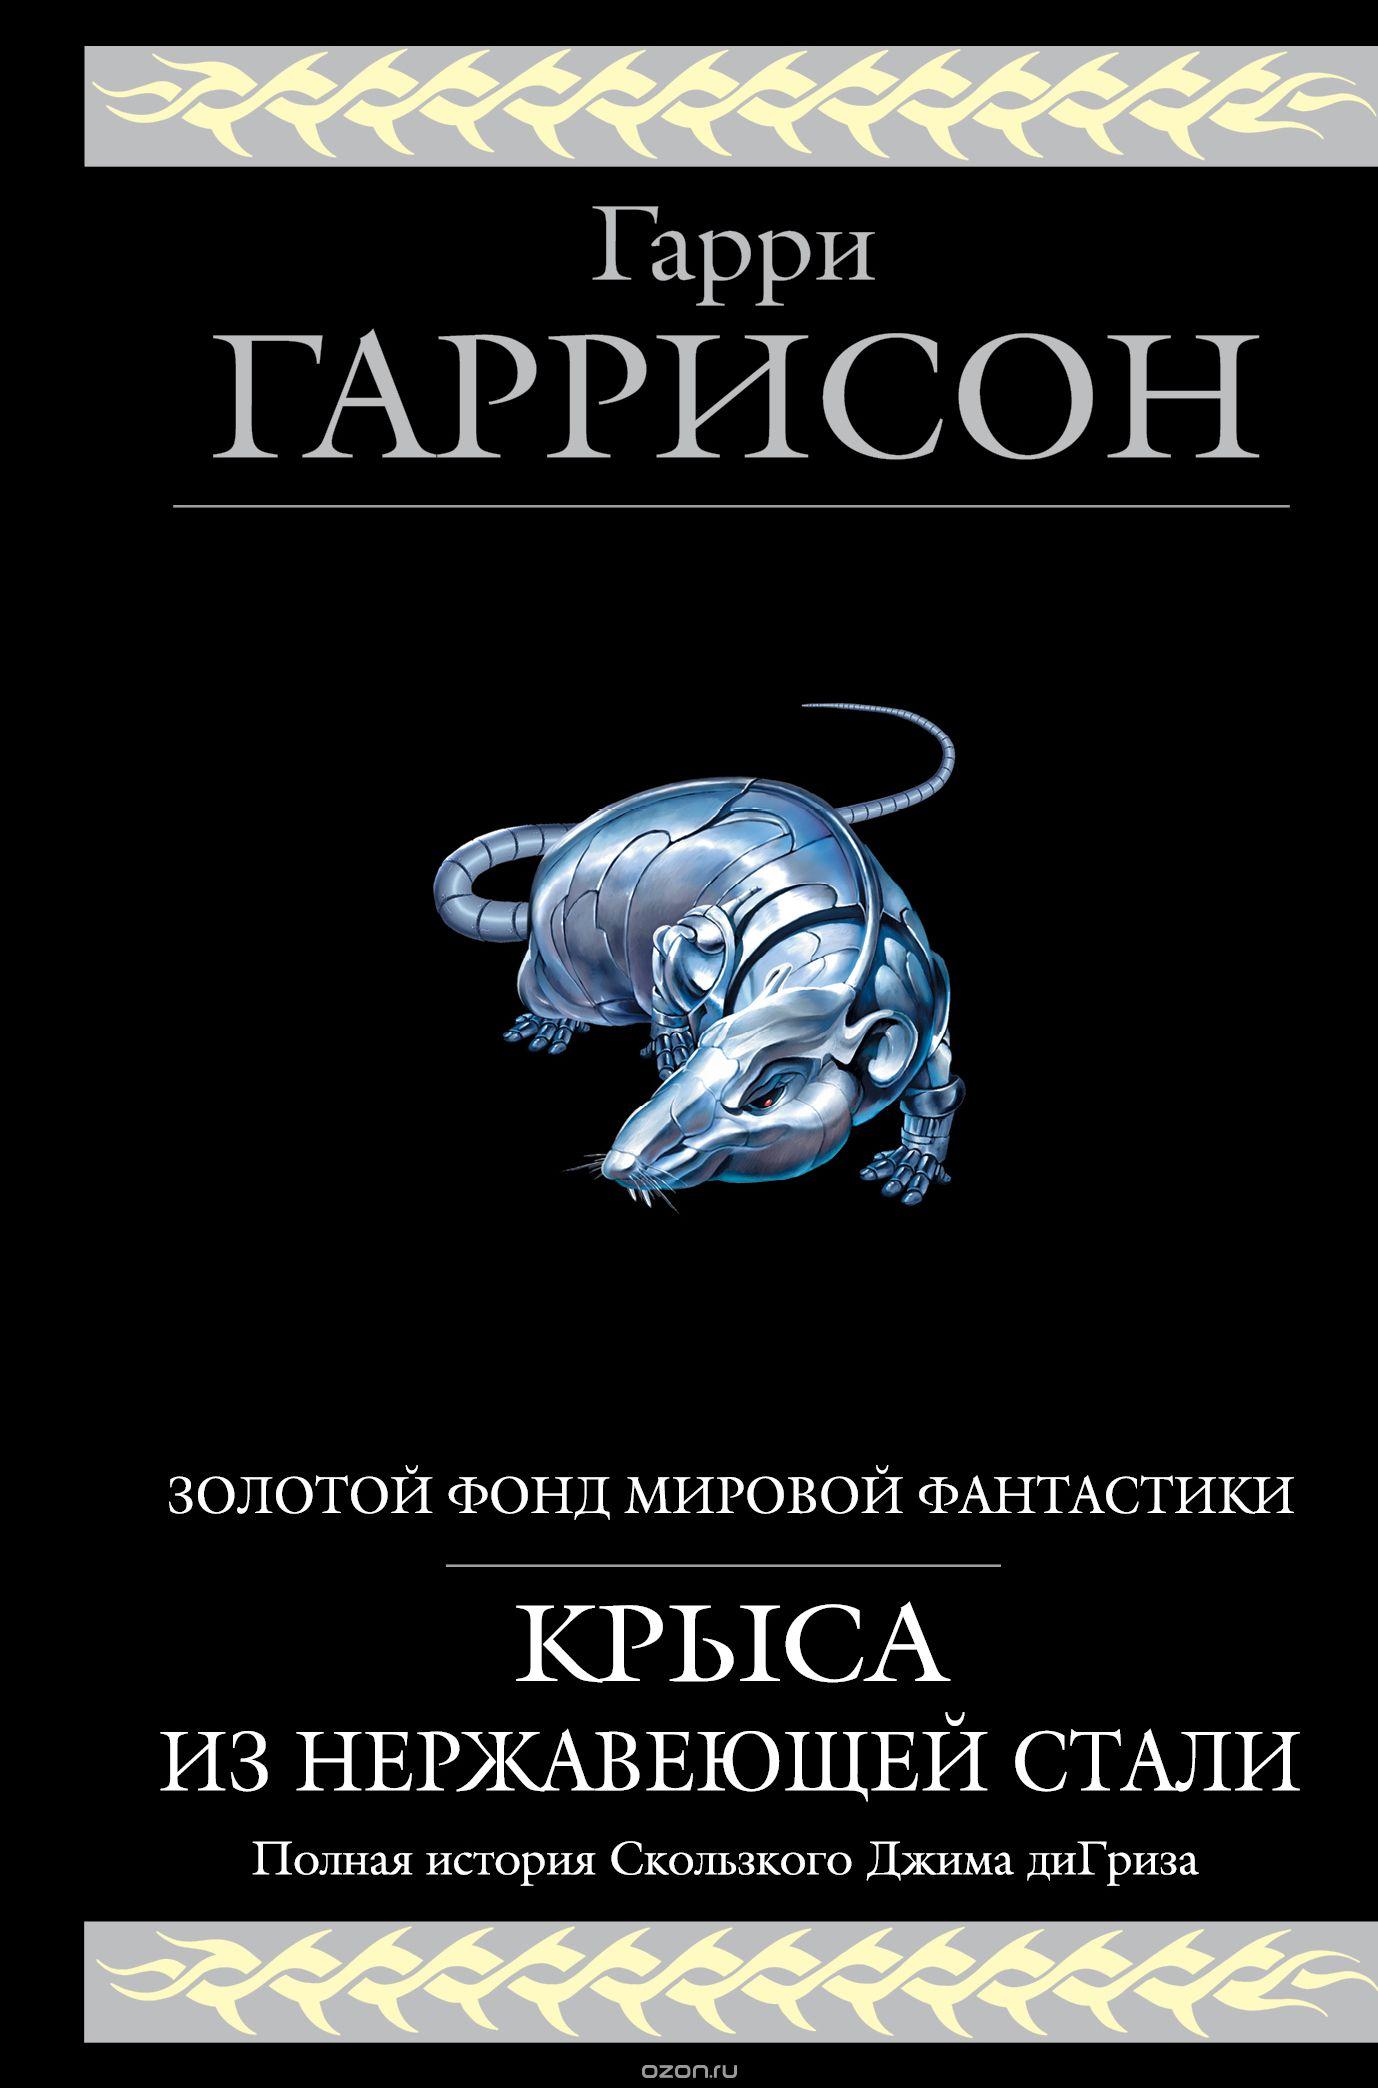 Скачать книгу рождение стальной крысы бесплатно